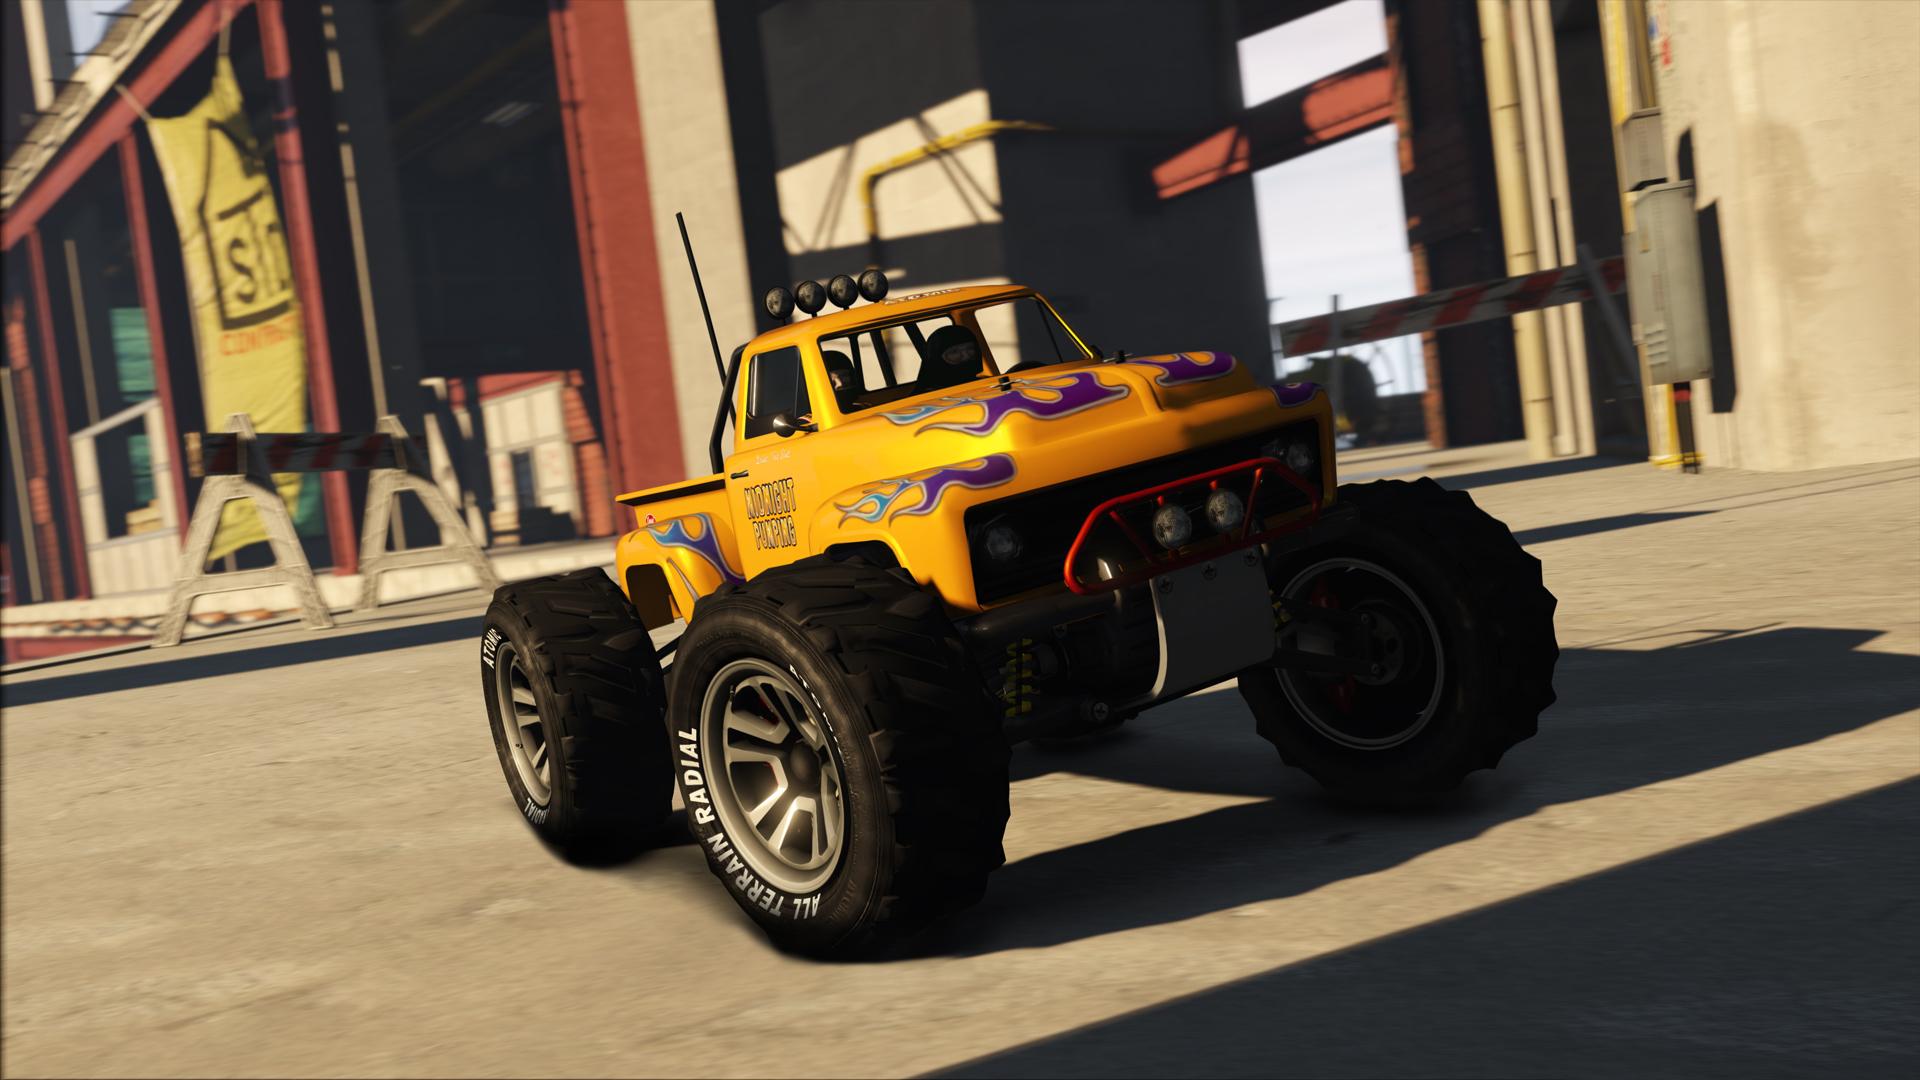 《侠盗猎车OL》全新超跑推出 新挑战赛和奖励登场